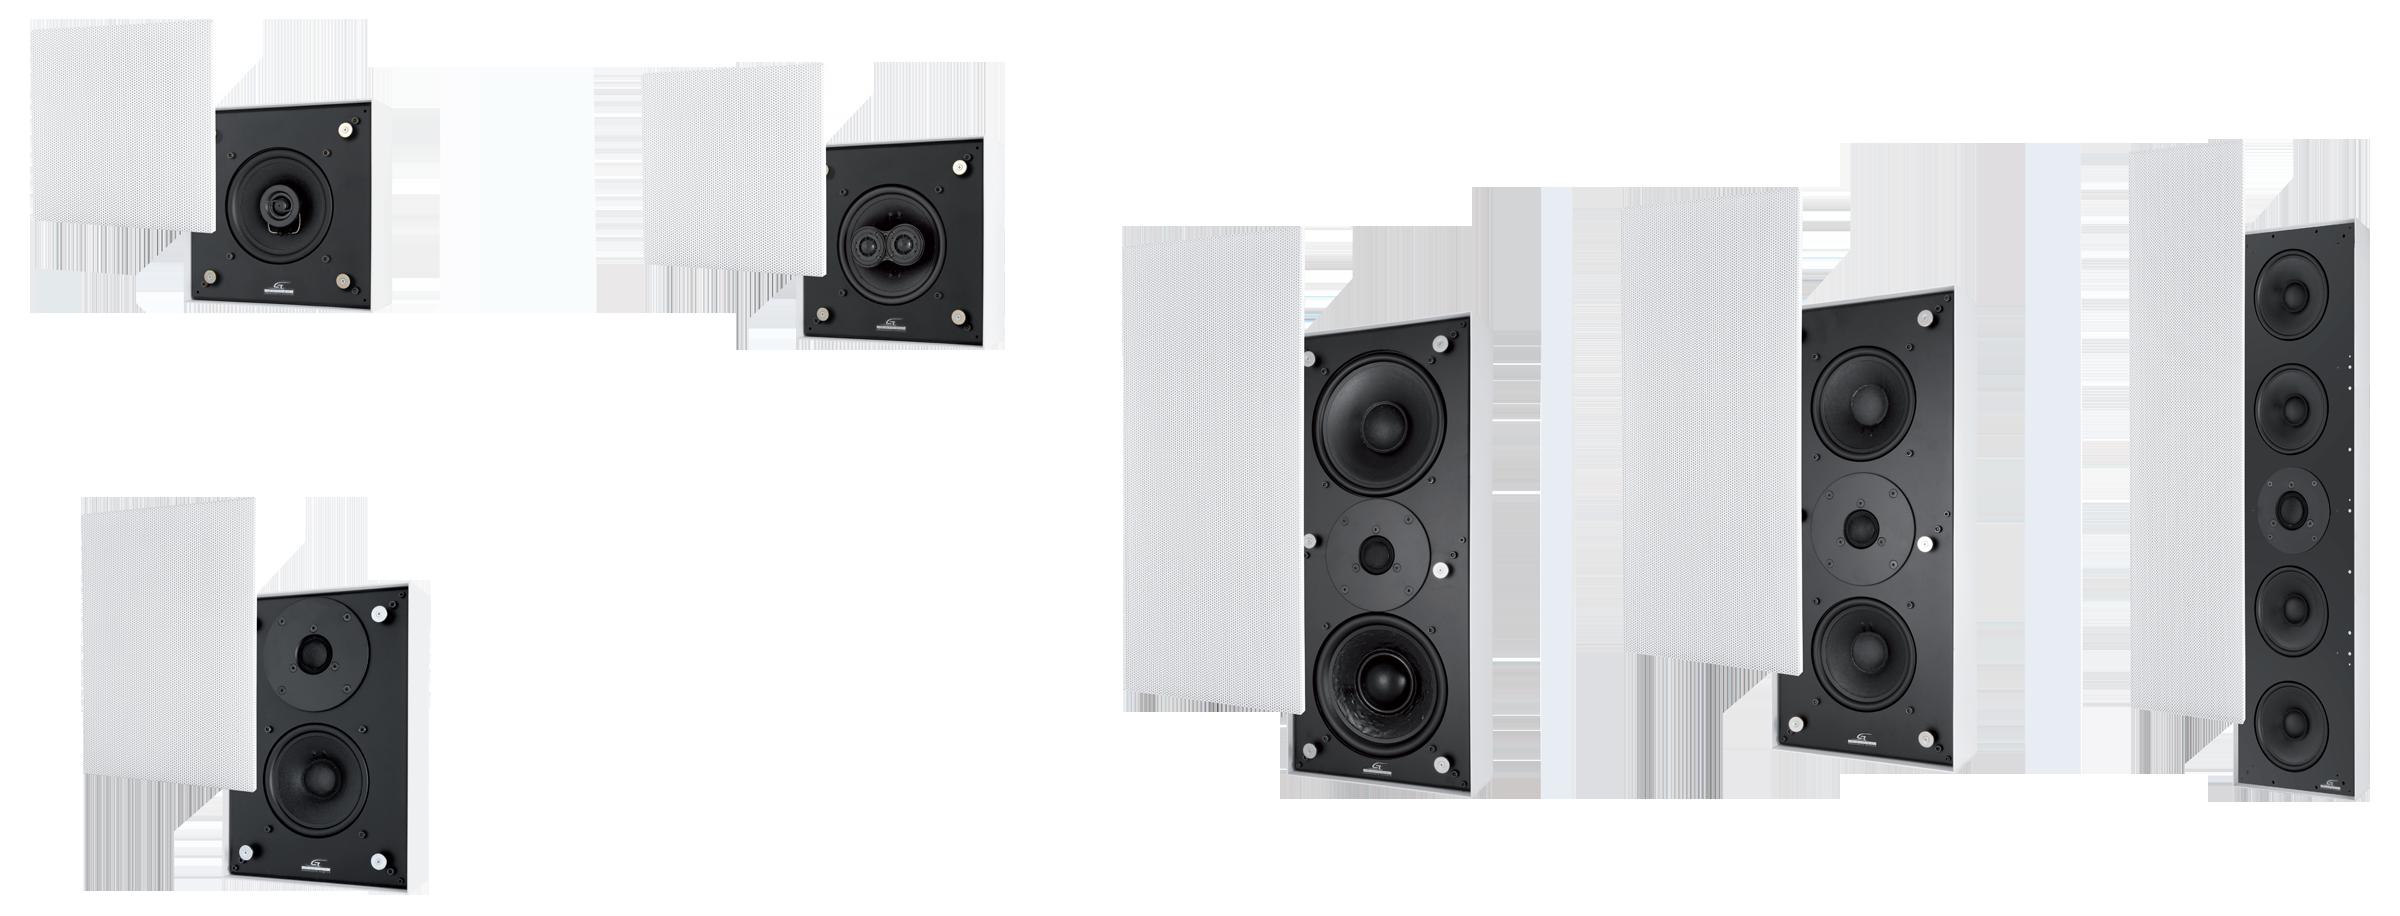 Impianto diffusione audio by per nuovi - Impianto stereo per casa ...